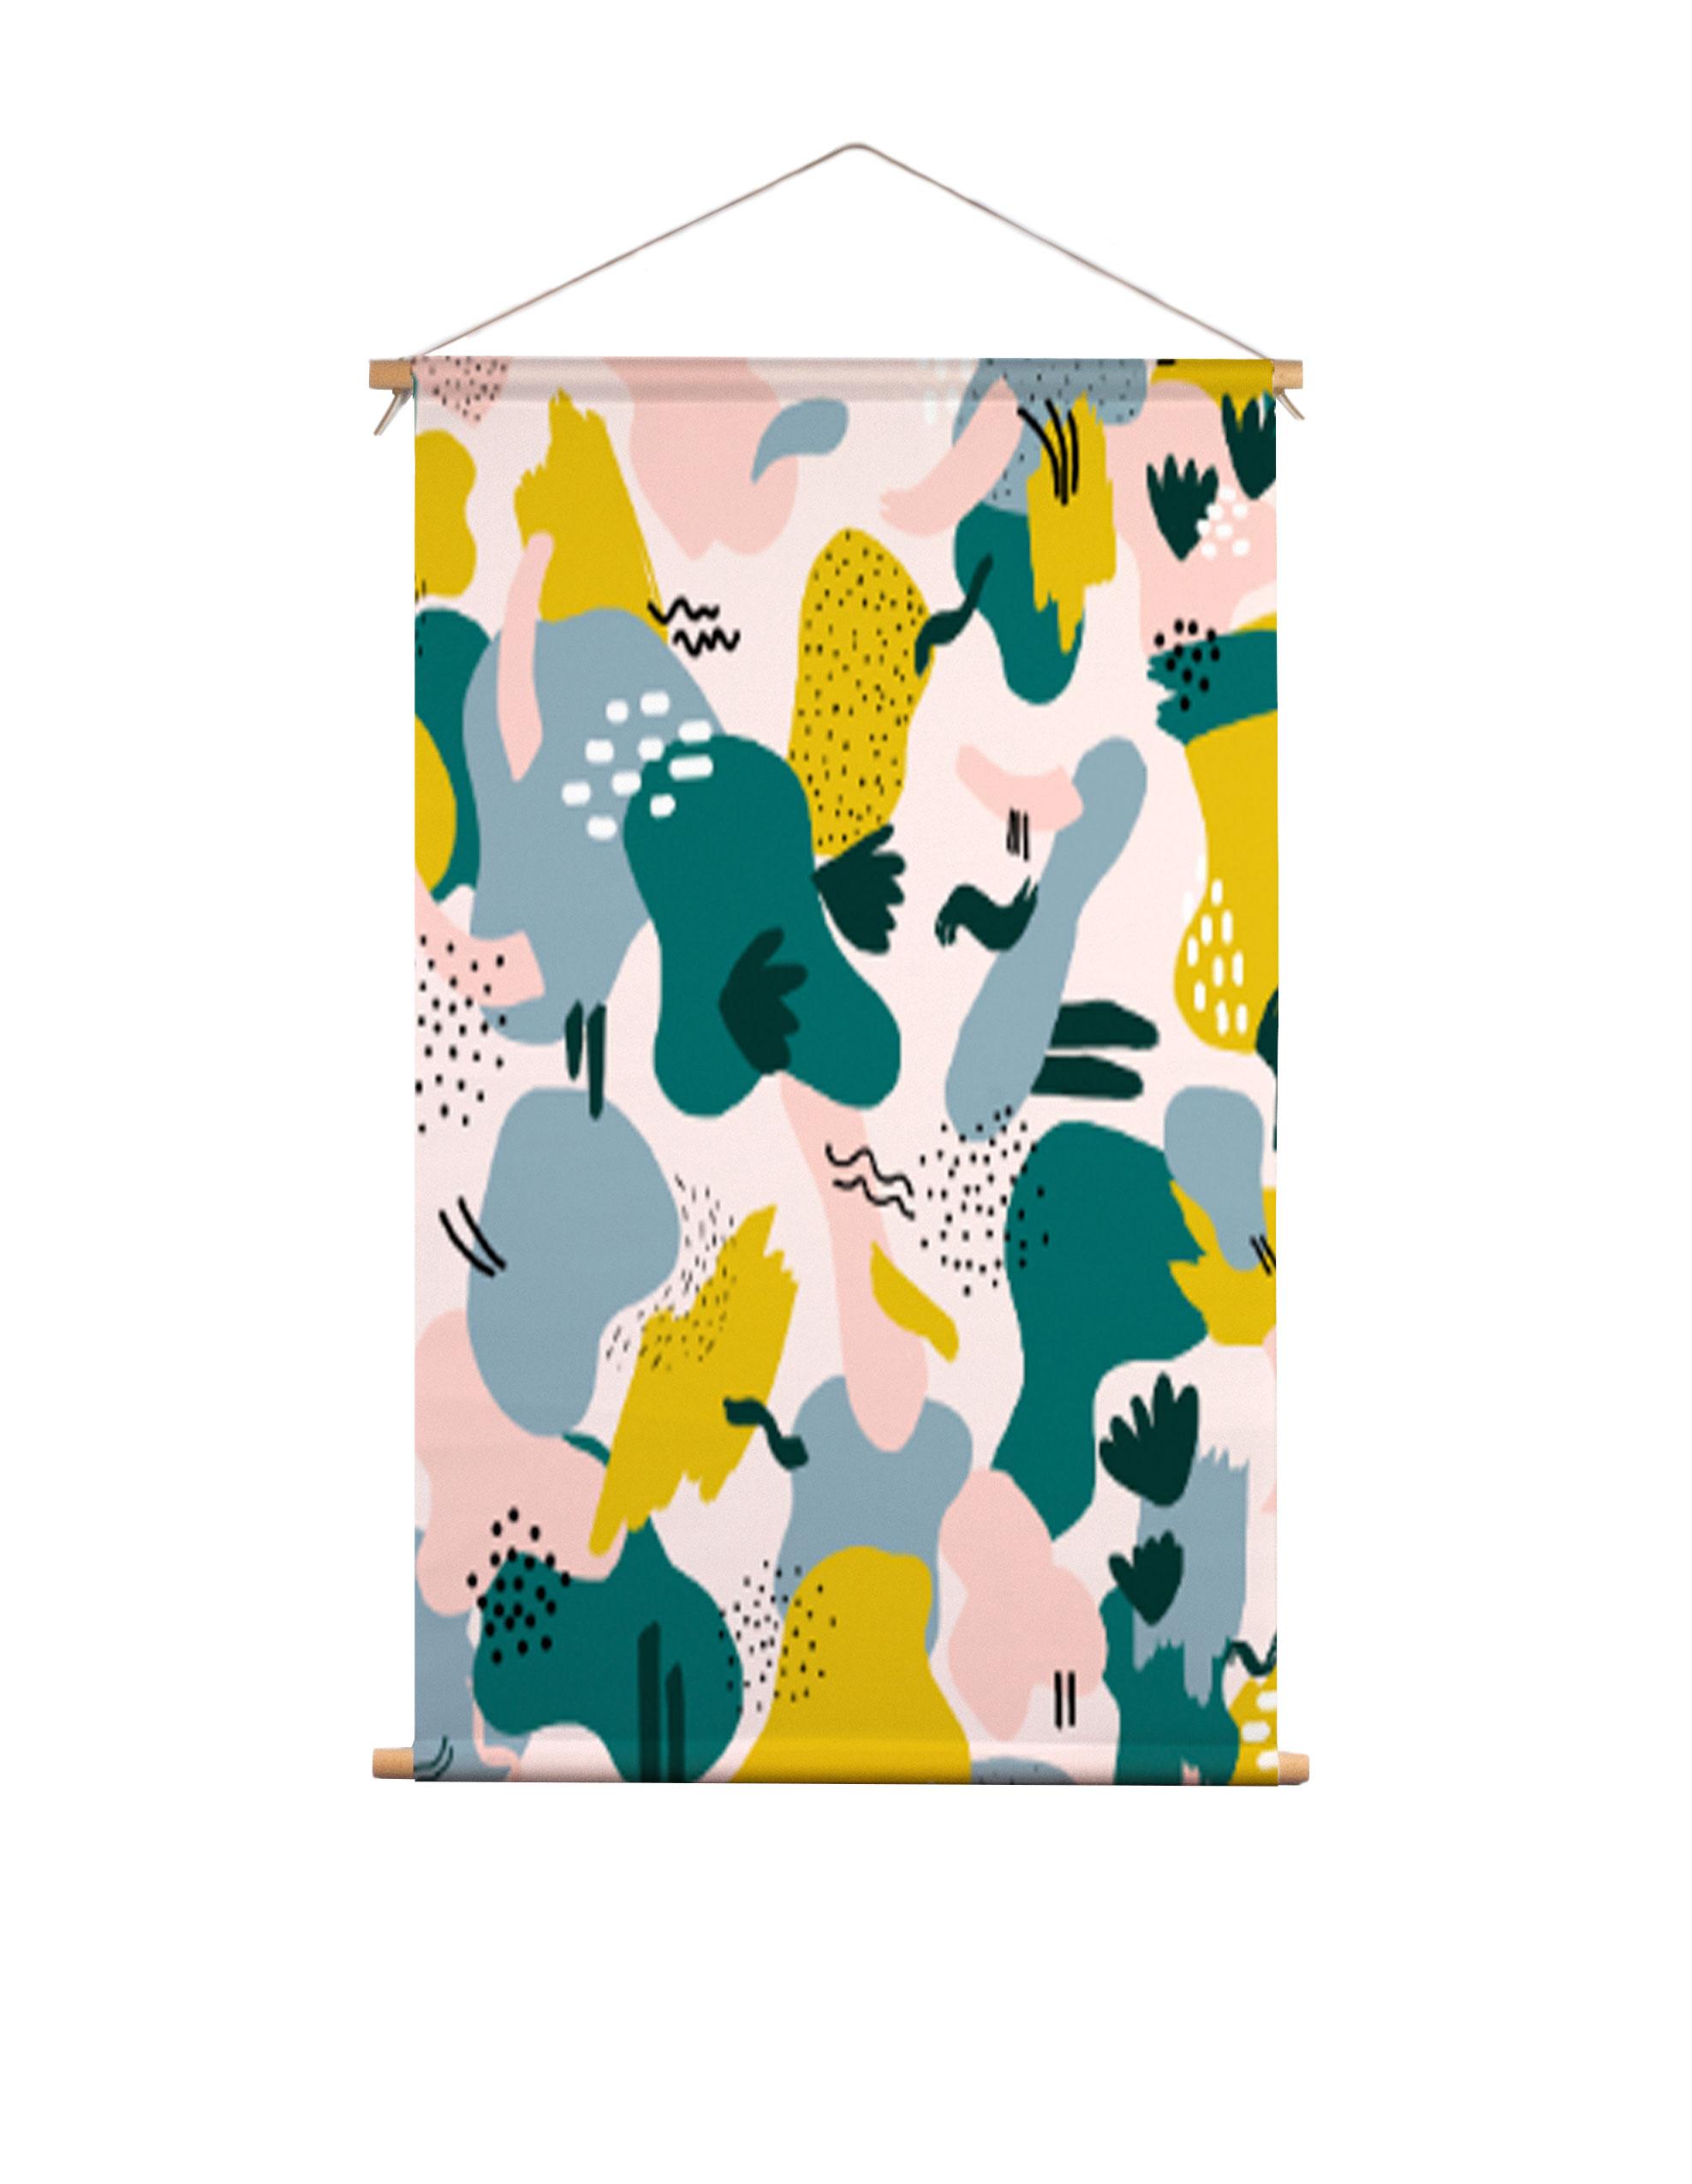 Textielposter-kleurrijk-abstract-Muchable